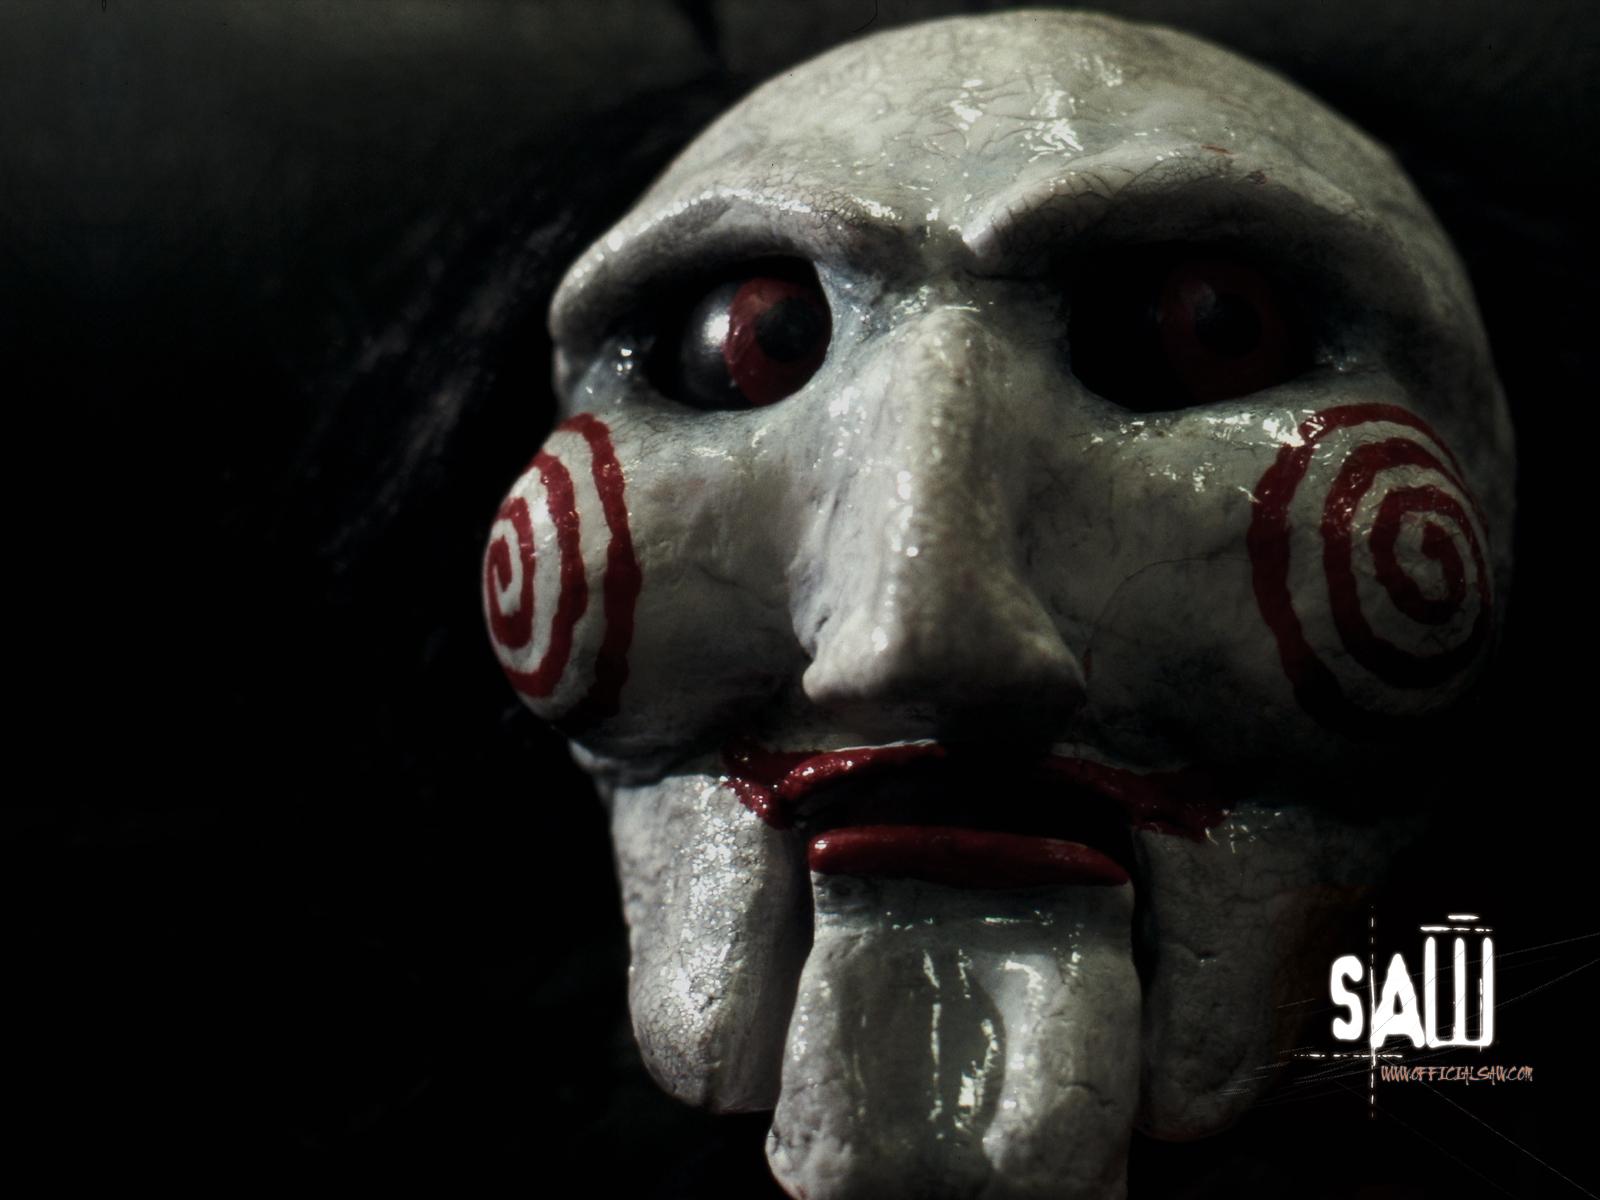 http://4.bp.blogspot.com/-T9sLiiag2Bk/UJvTR8fQ22I/AAAAAAAAAew/L9DWjB7S3RY/s1600/Saw-Wallpaper-horror-movies-8767334-1600-1200.jpg